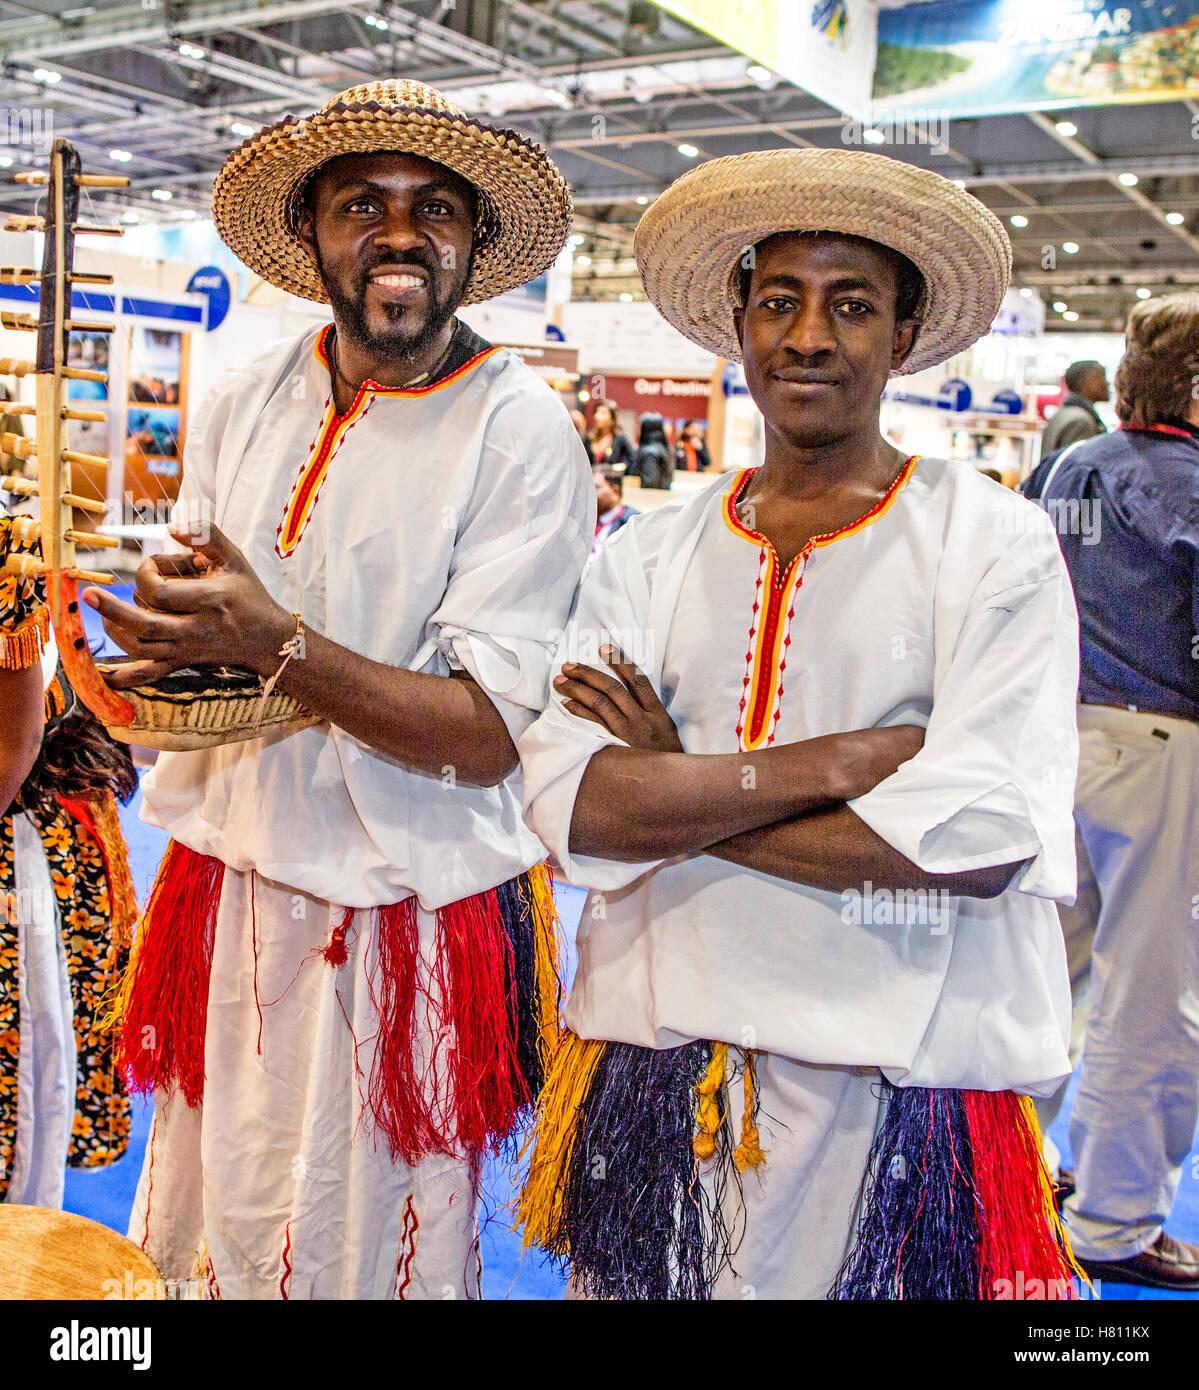 Männer in traditionellen Costa Rica Kleidung World Travel Market London Vereinigtes Königreich Stockbild